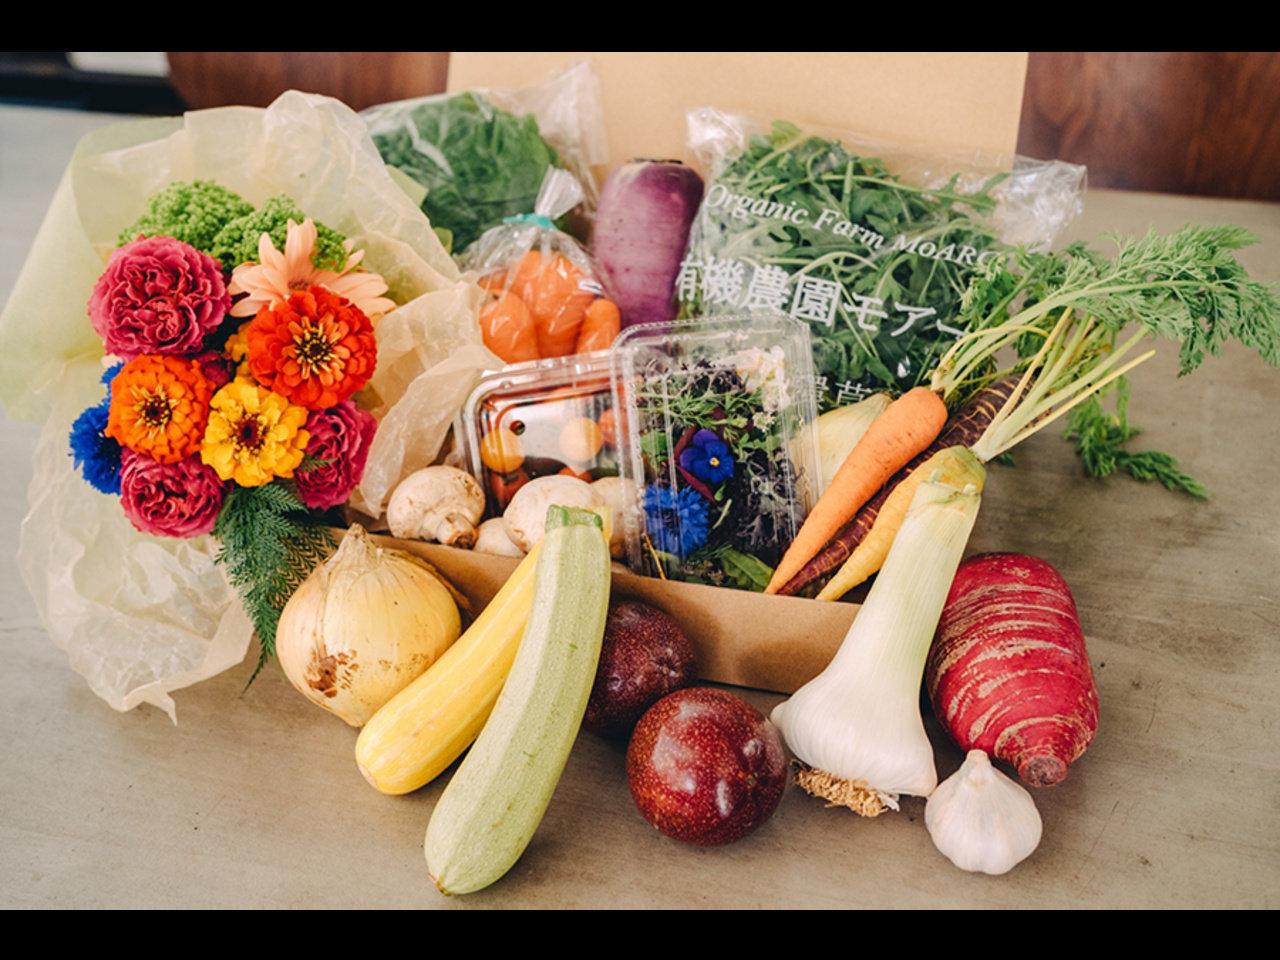 行き場をなくした生産者の食材を継続支援。CRAZY